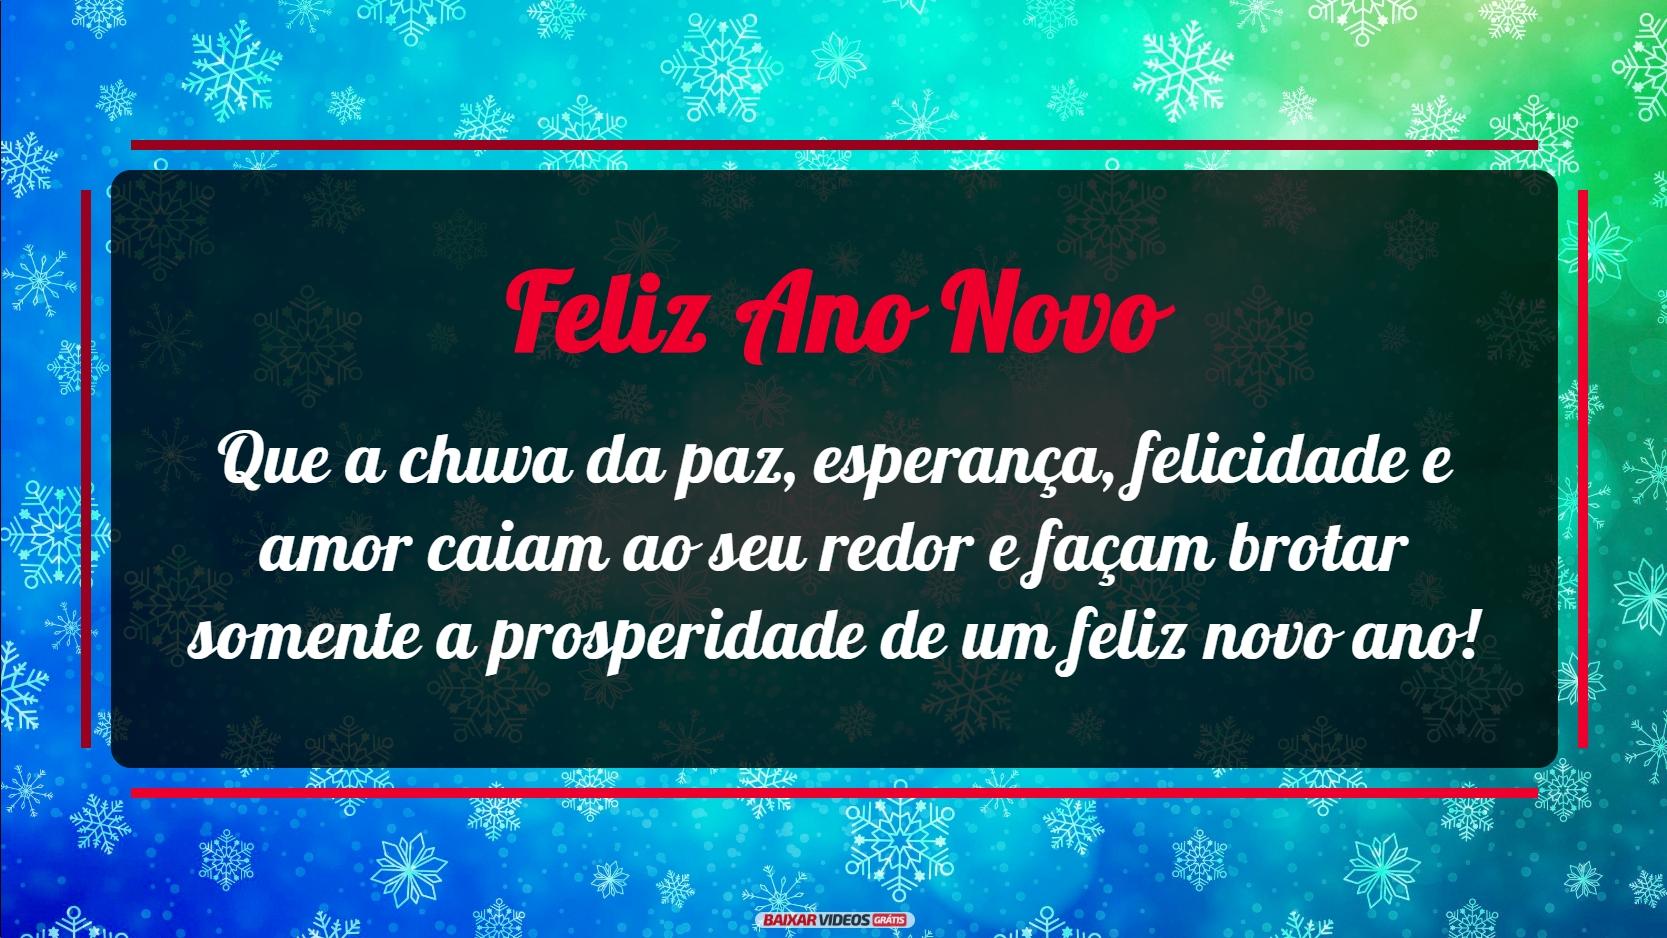 Que a chuva da paz, esperança, felicidade e amor caiam ao seu redor e façam brotar somente a prosperidade de um feliz novo ano!